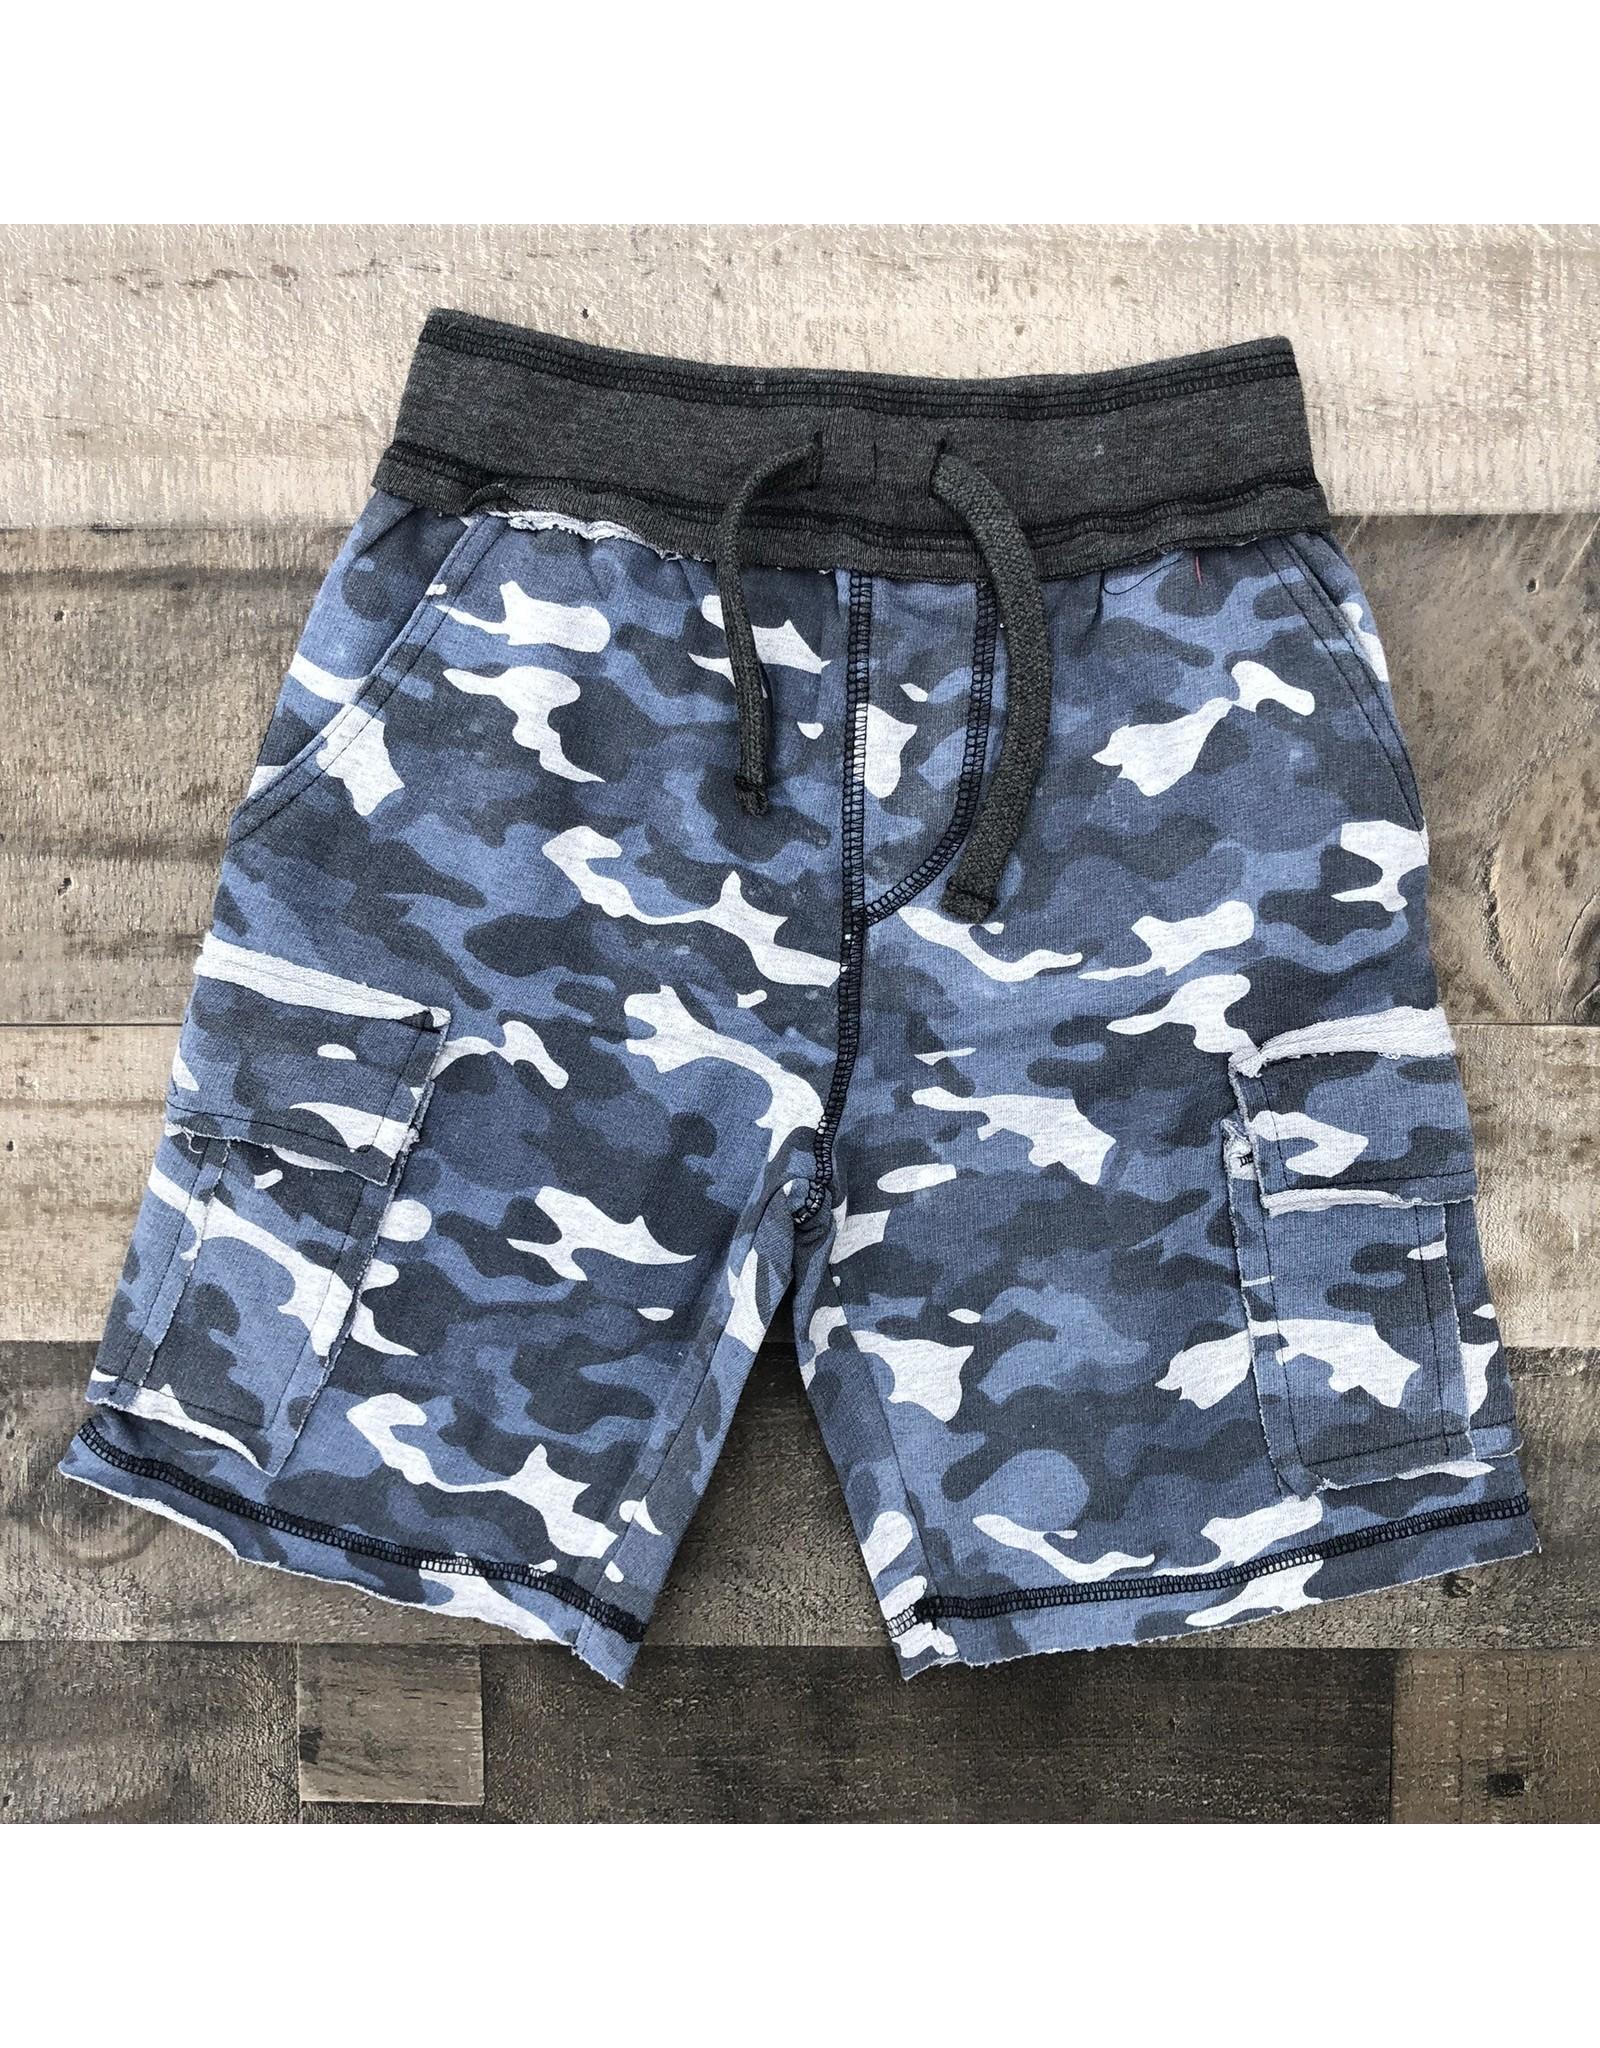 Mish Boys Mish Boys- Distressed Camo Shorts- Navy